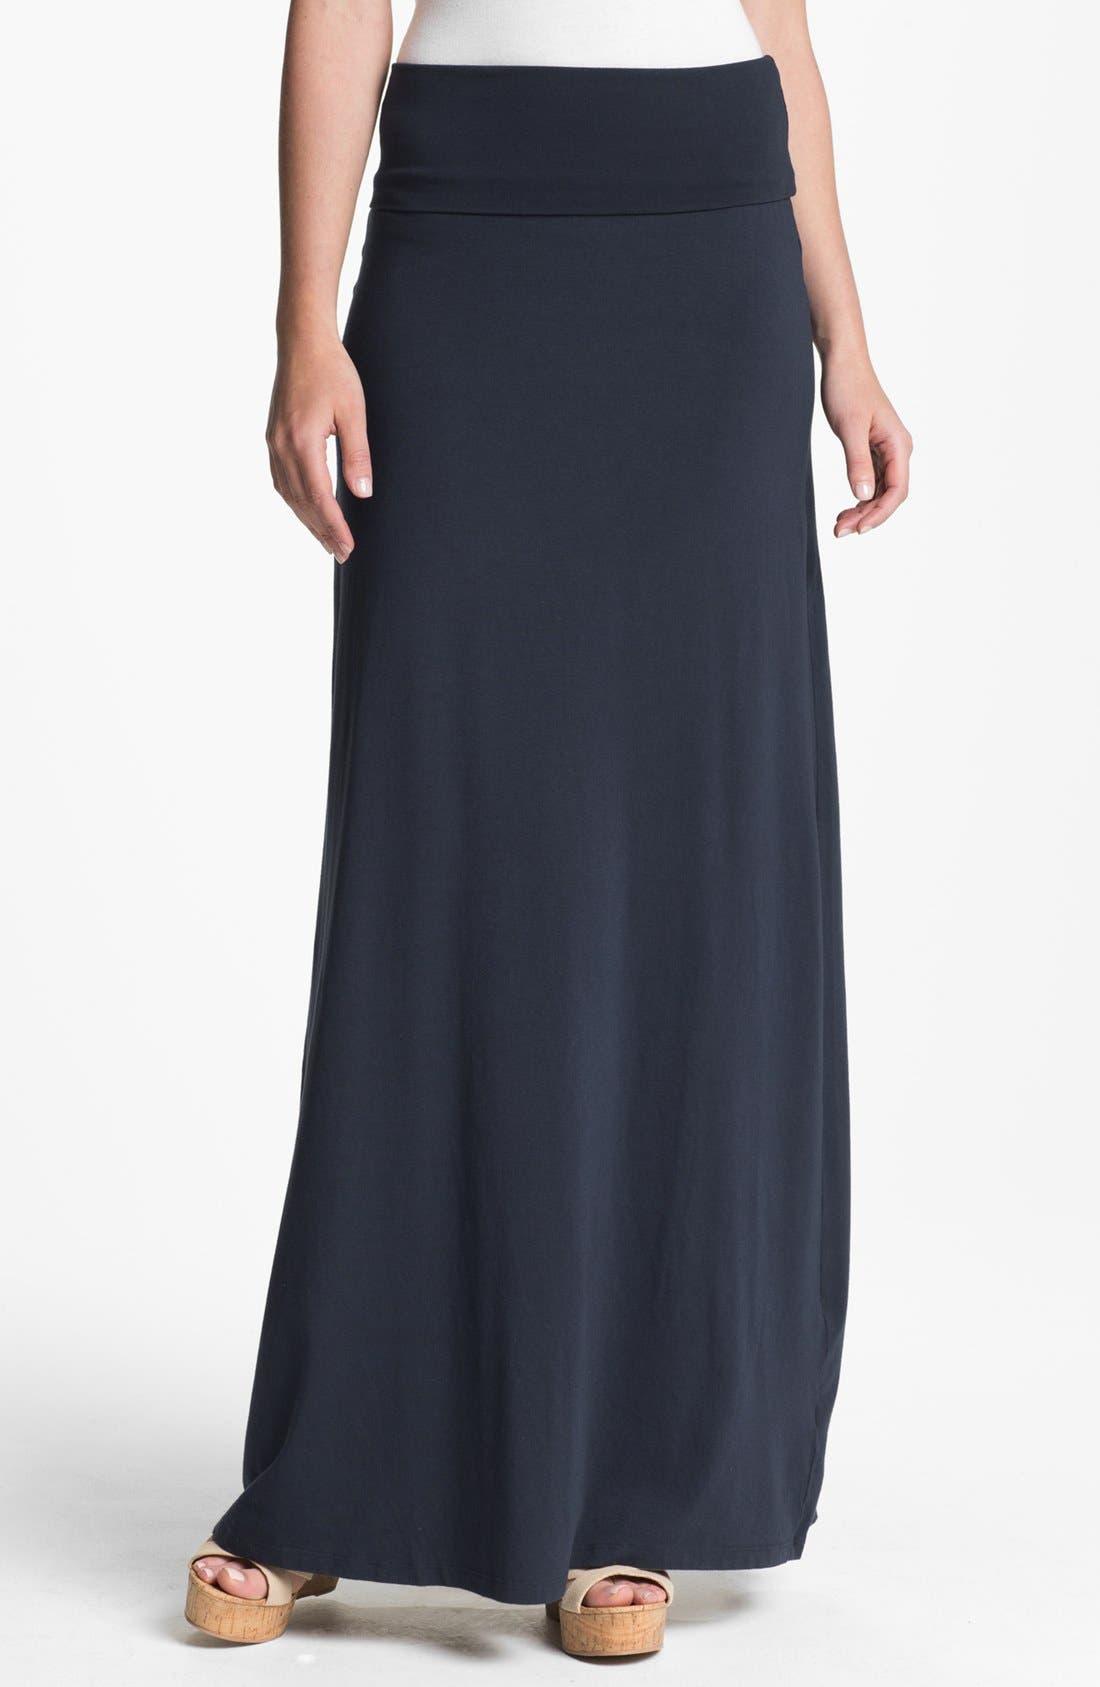 Alternate Image 1 Selected - Splendid Knit Maxi Skirt